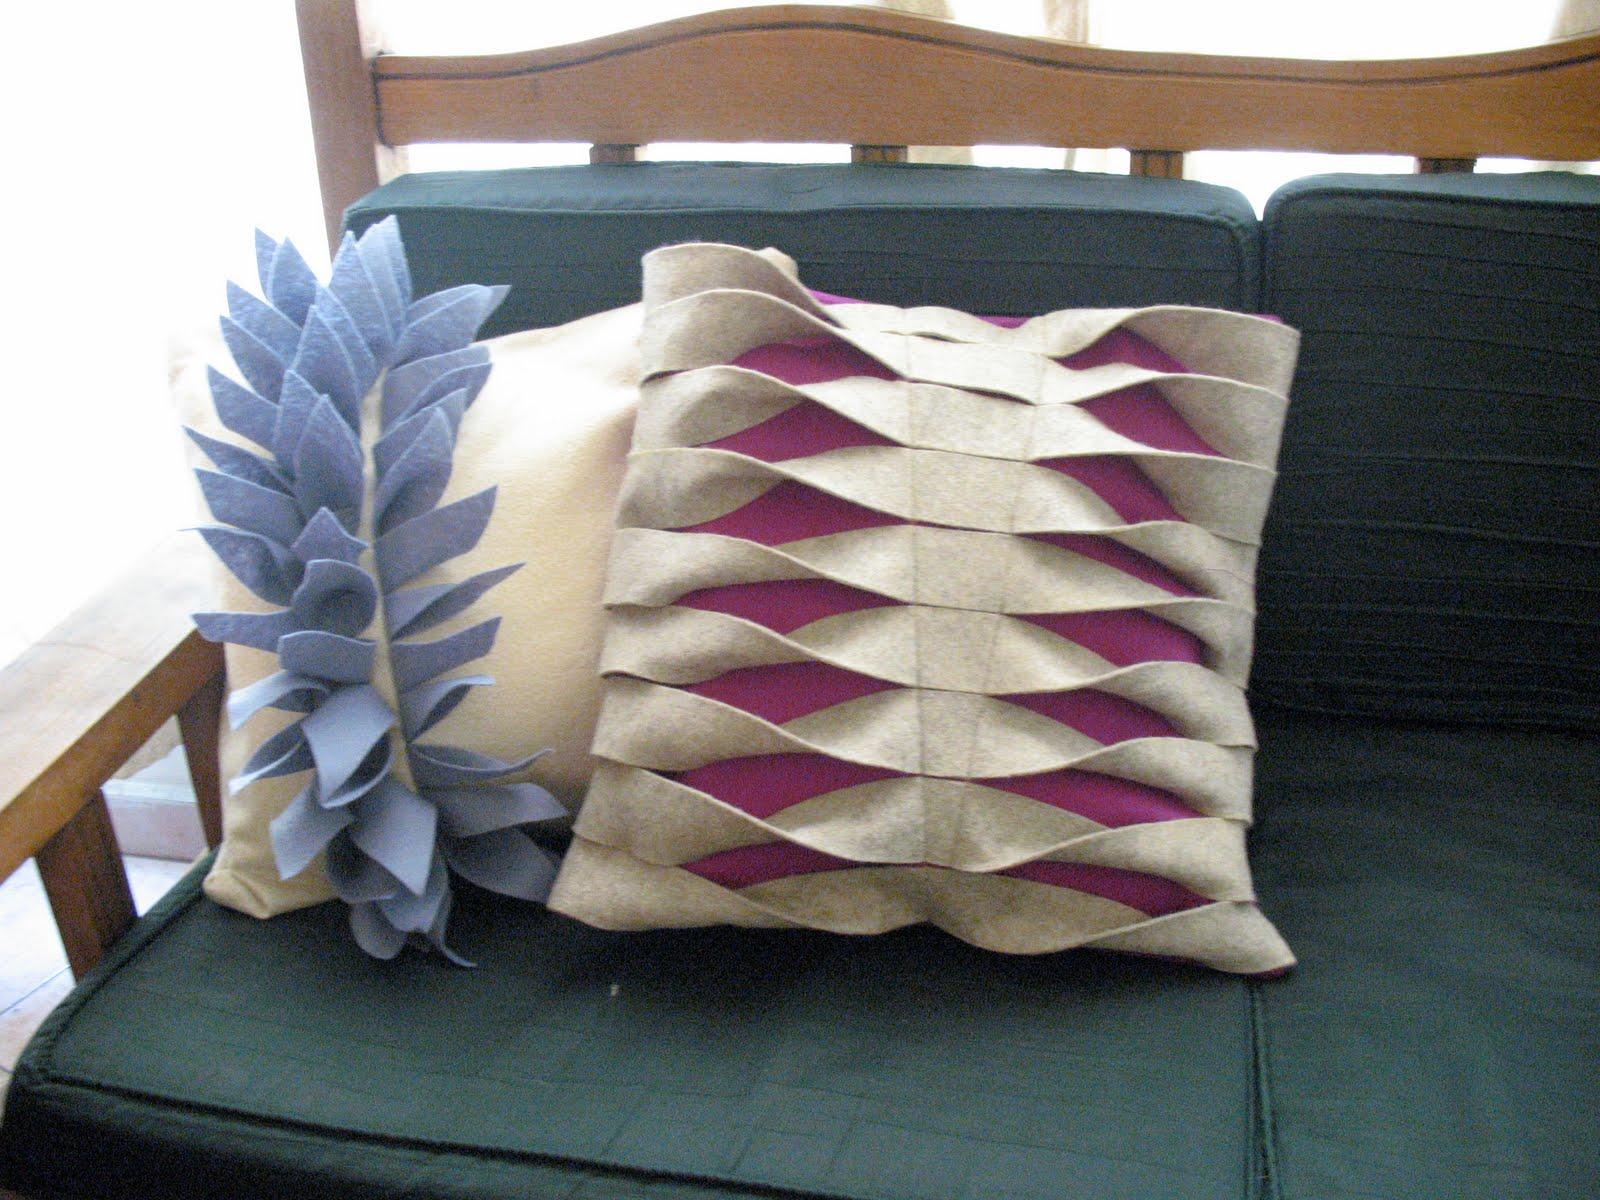 Cojines decorativos de fieltro imagui - Fotos de cojines decorativos ...